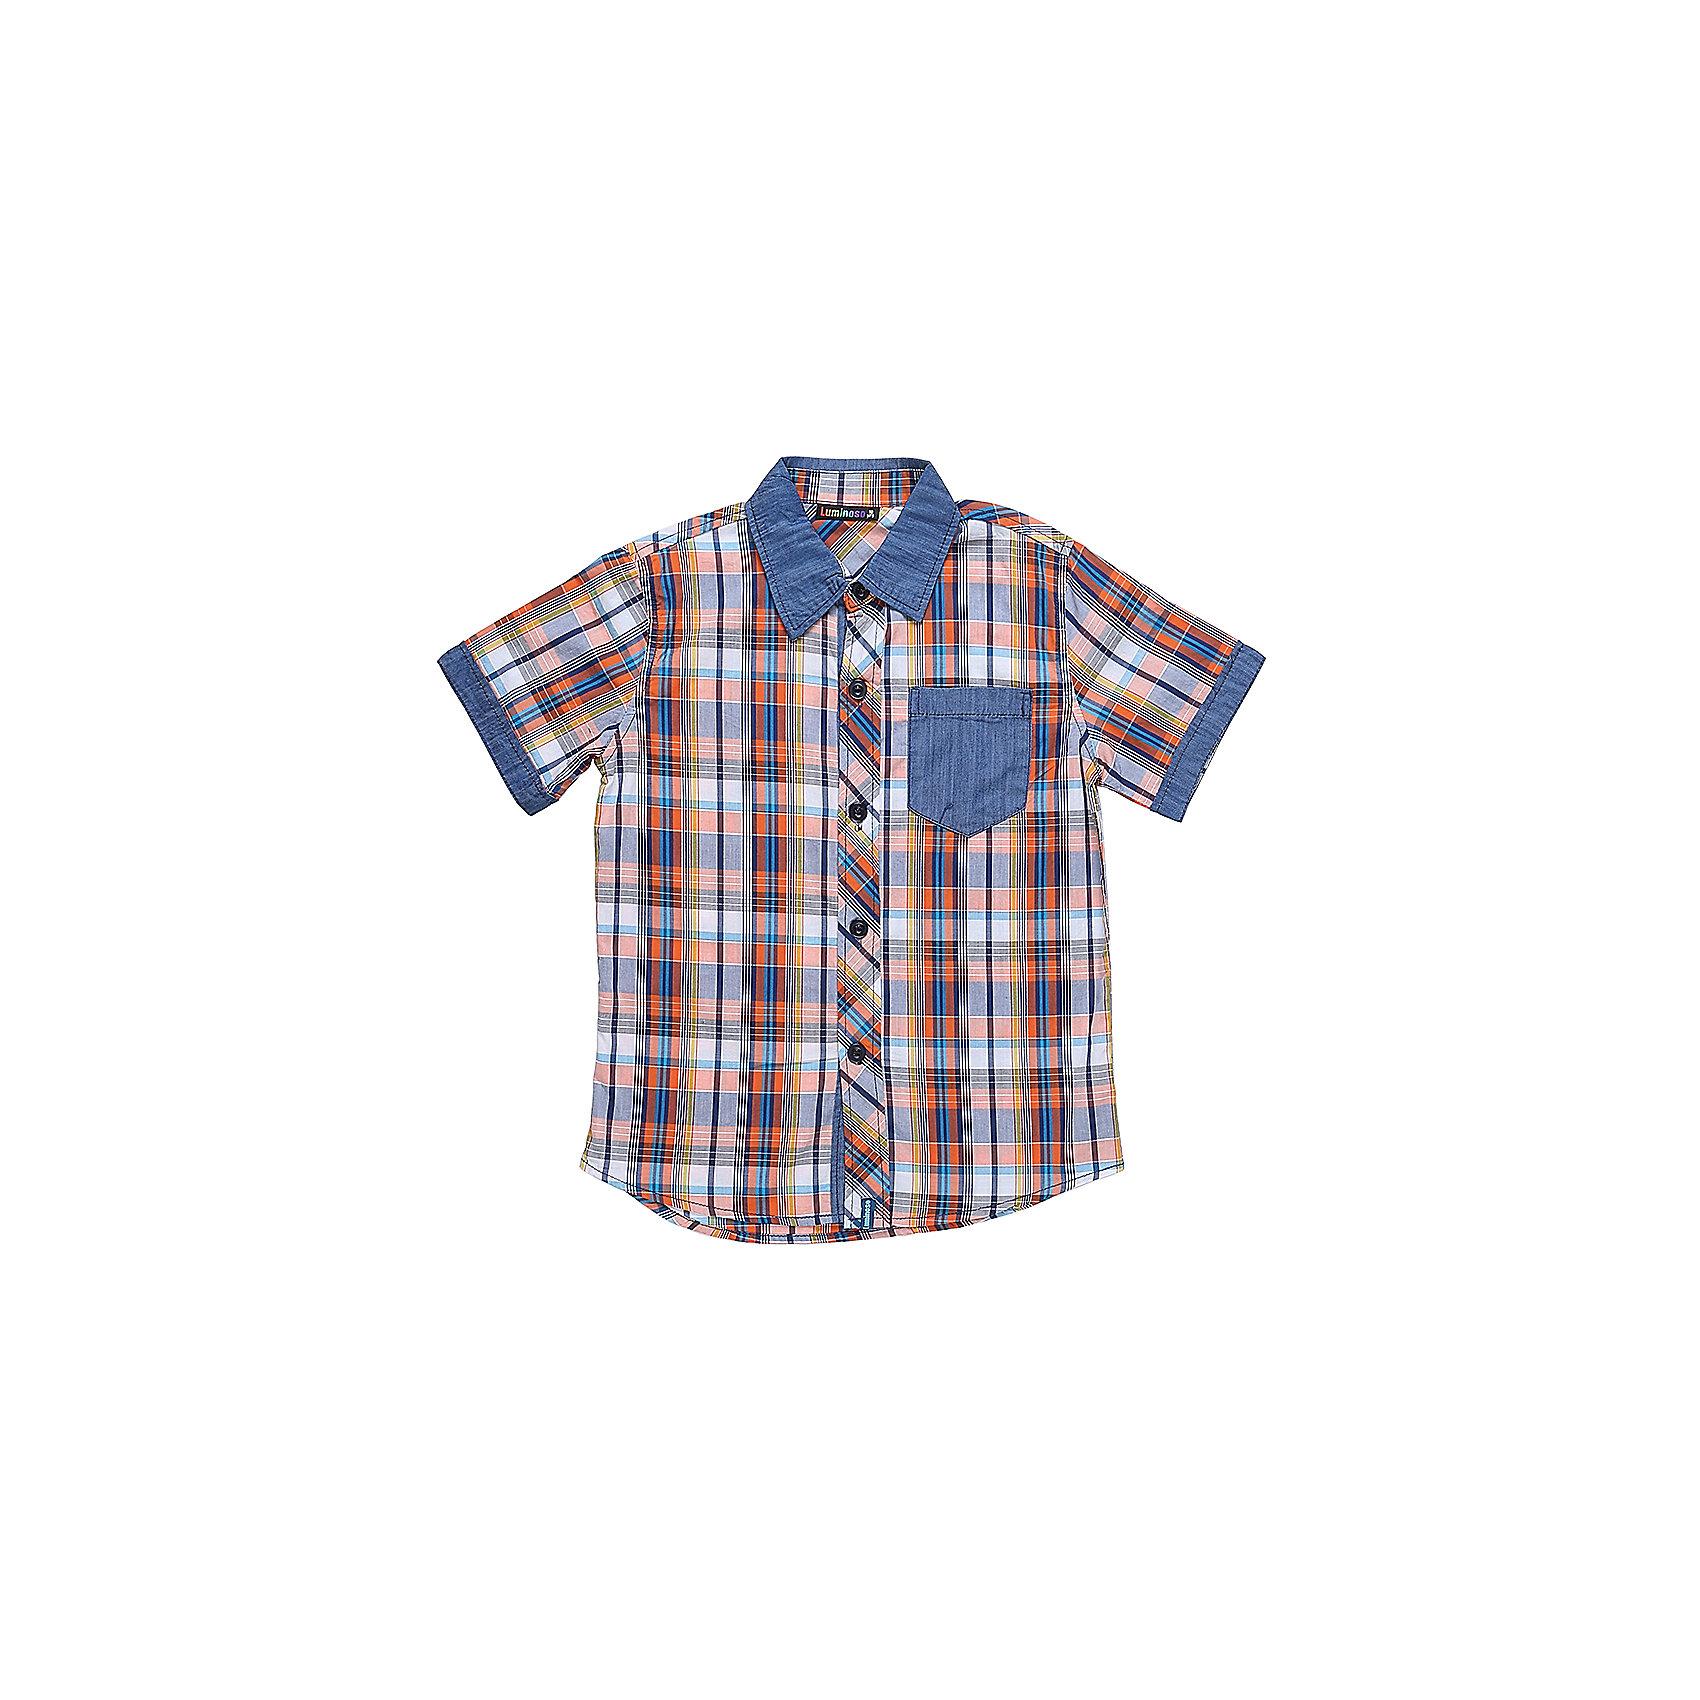 Рубашка для мальчика LuminosoБлузки и рубашки<br>Текстильная рубашка из хлопка в клетку для мальчика. Короткий рукав, накладной карман на левой полочке. Застегивается на кнопки. Отложной воротничок.<br>Состав:<br>100%хлопок<br><br>Ширина мм: 174<br>Глубина мм: 10<br>Высота мм: 169<br>Вес г: 157<br>Цвет: синий<br>Возраст от месяцев: 96<br>Возраст до месяцев: 108<br>Пол: Мужской<br>Возраст: Детский<br>Размер: 158,152,134,164,146,140<br>SKU: 5409751